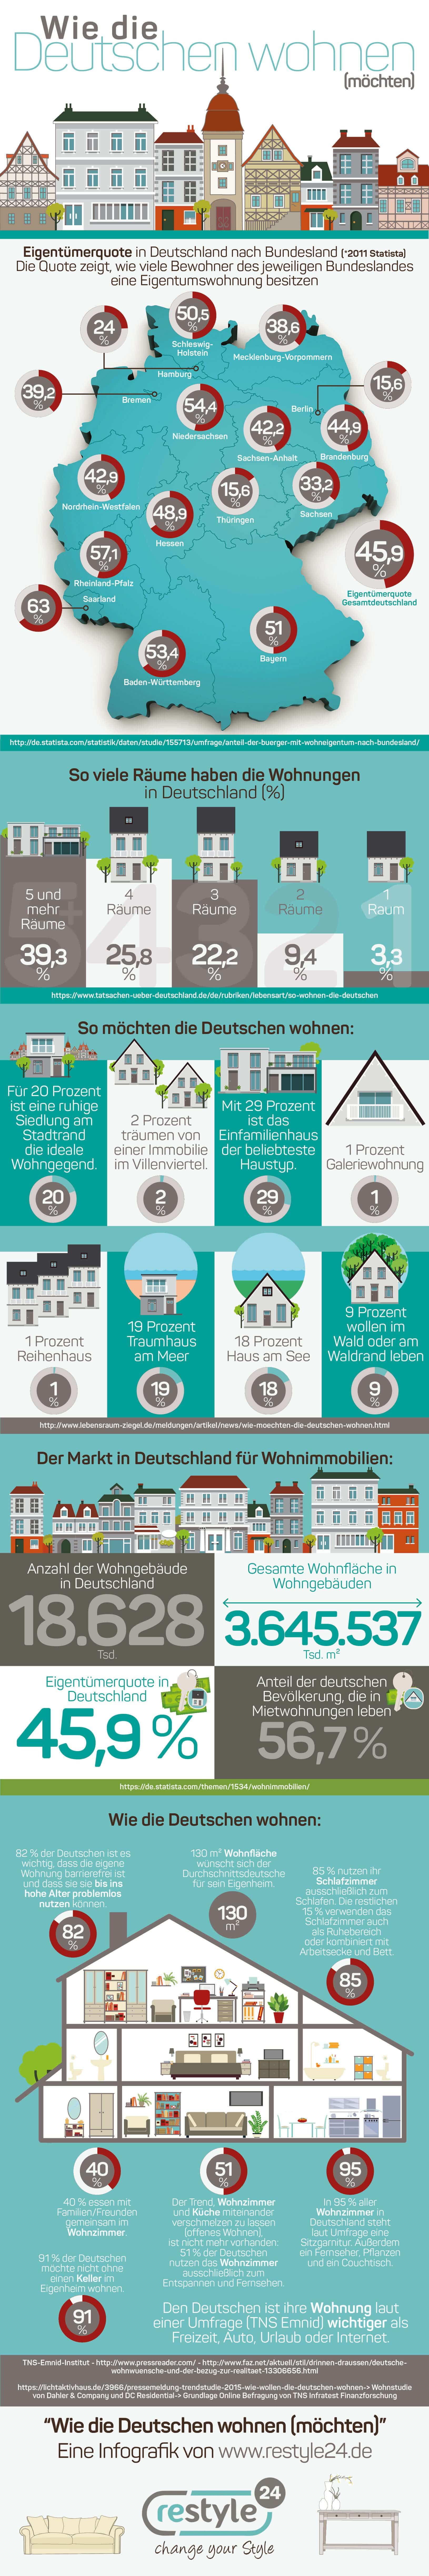 infografik_wie_die_deutschen_wohnen_2-2